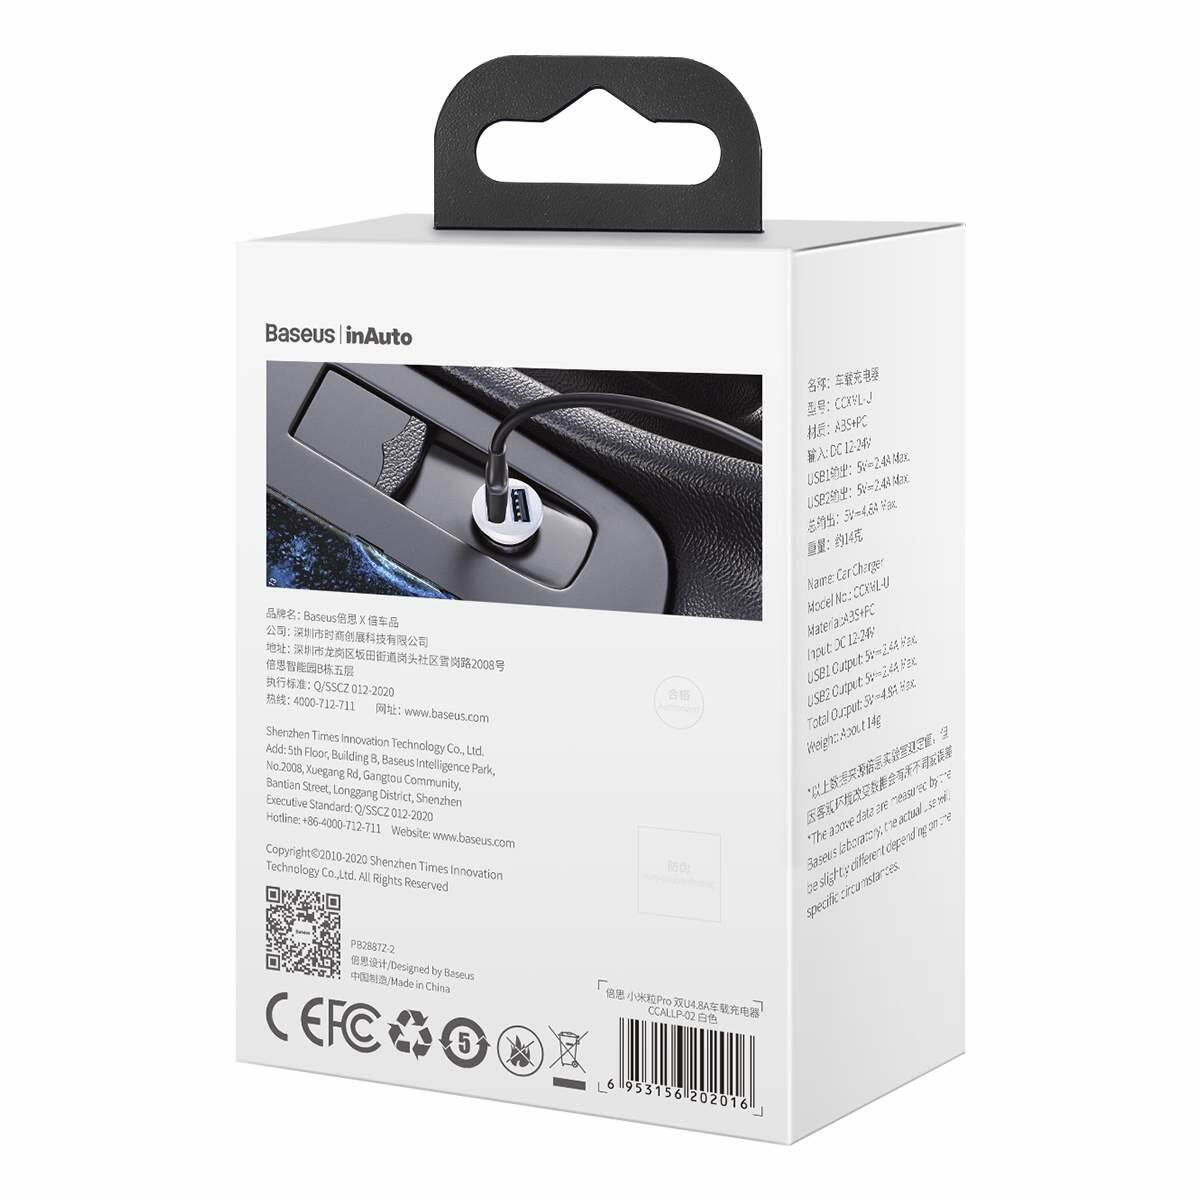 Baseus autós töltő, Grain Pro Dupla USB, 4.8A, fehér (CCALLP-02)